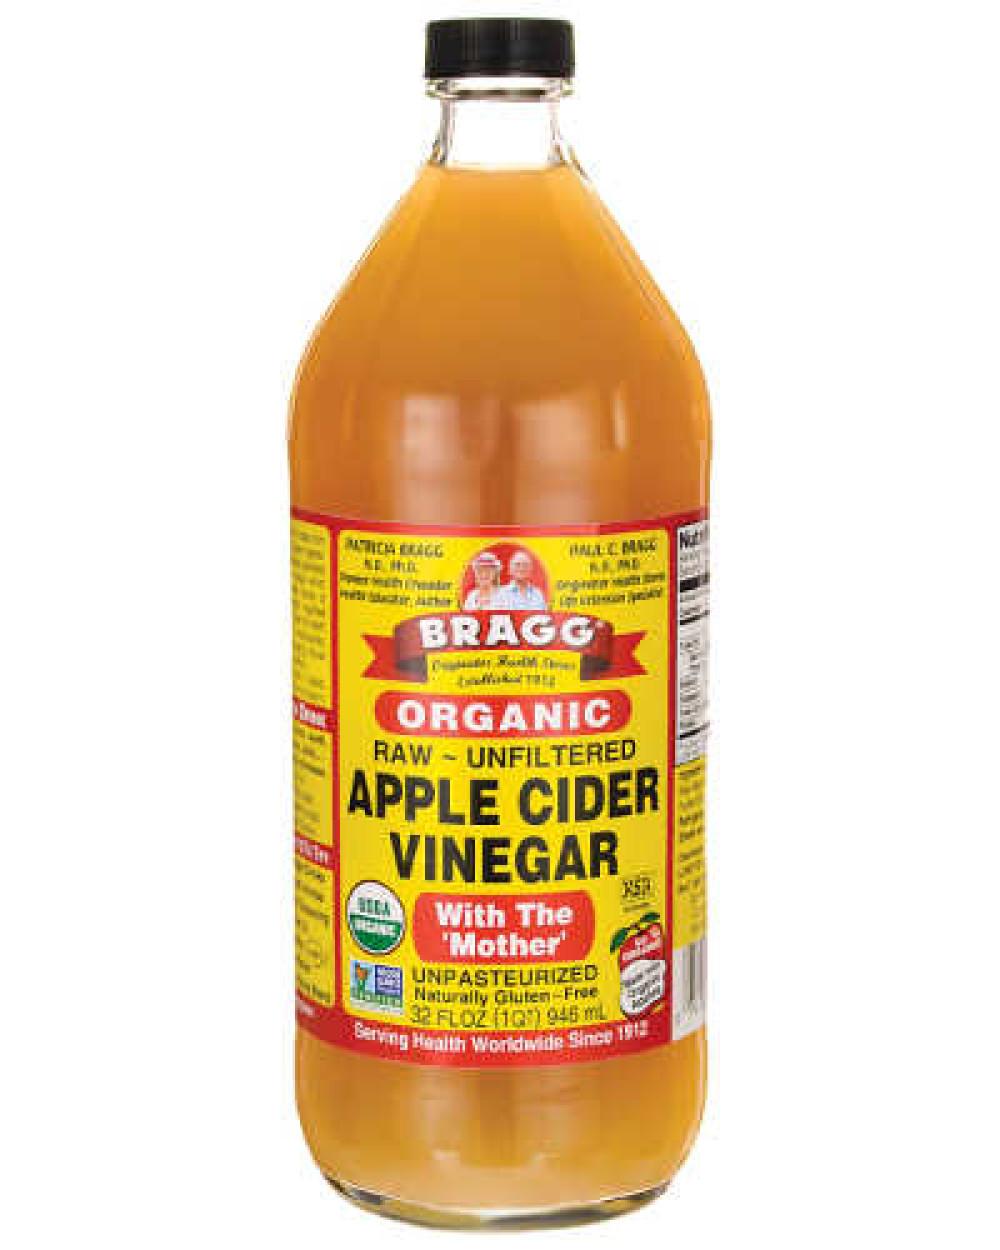 Mother earth apple cider vinegar